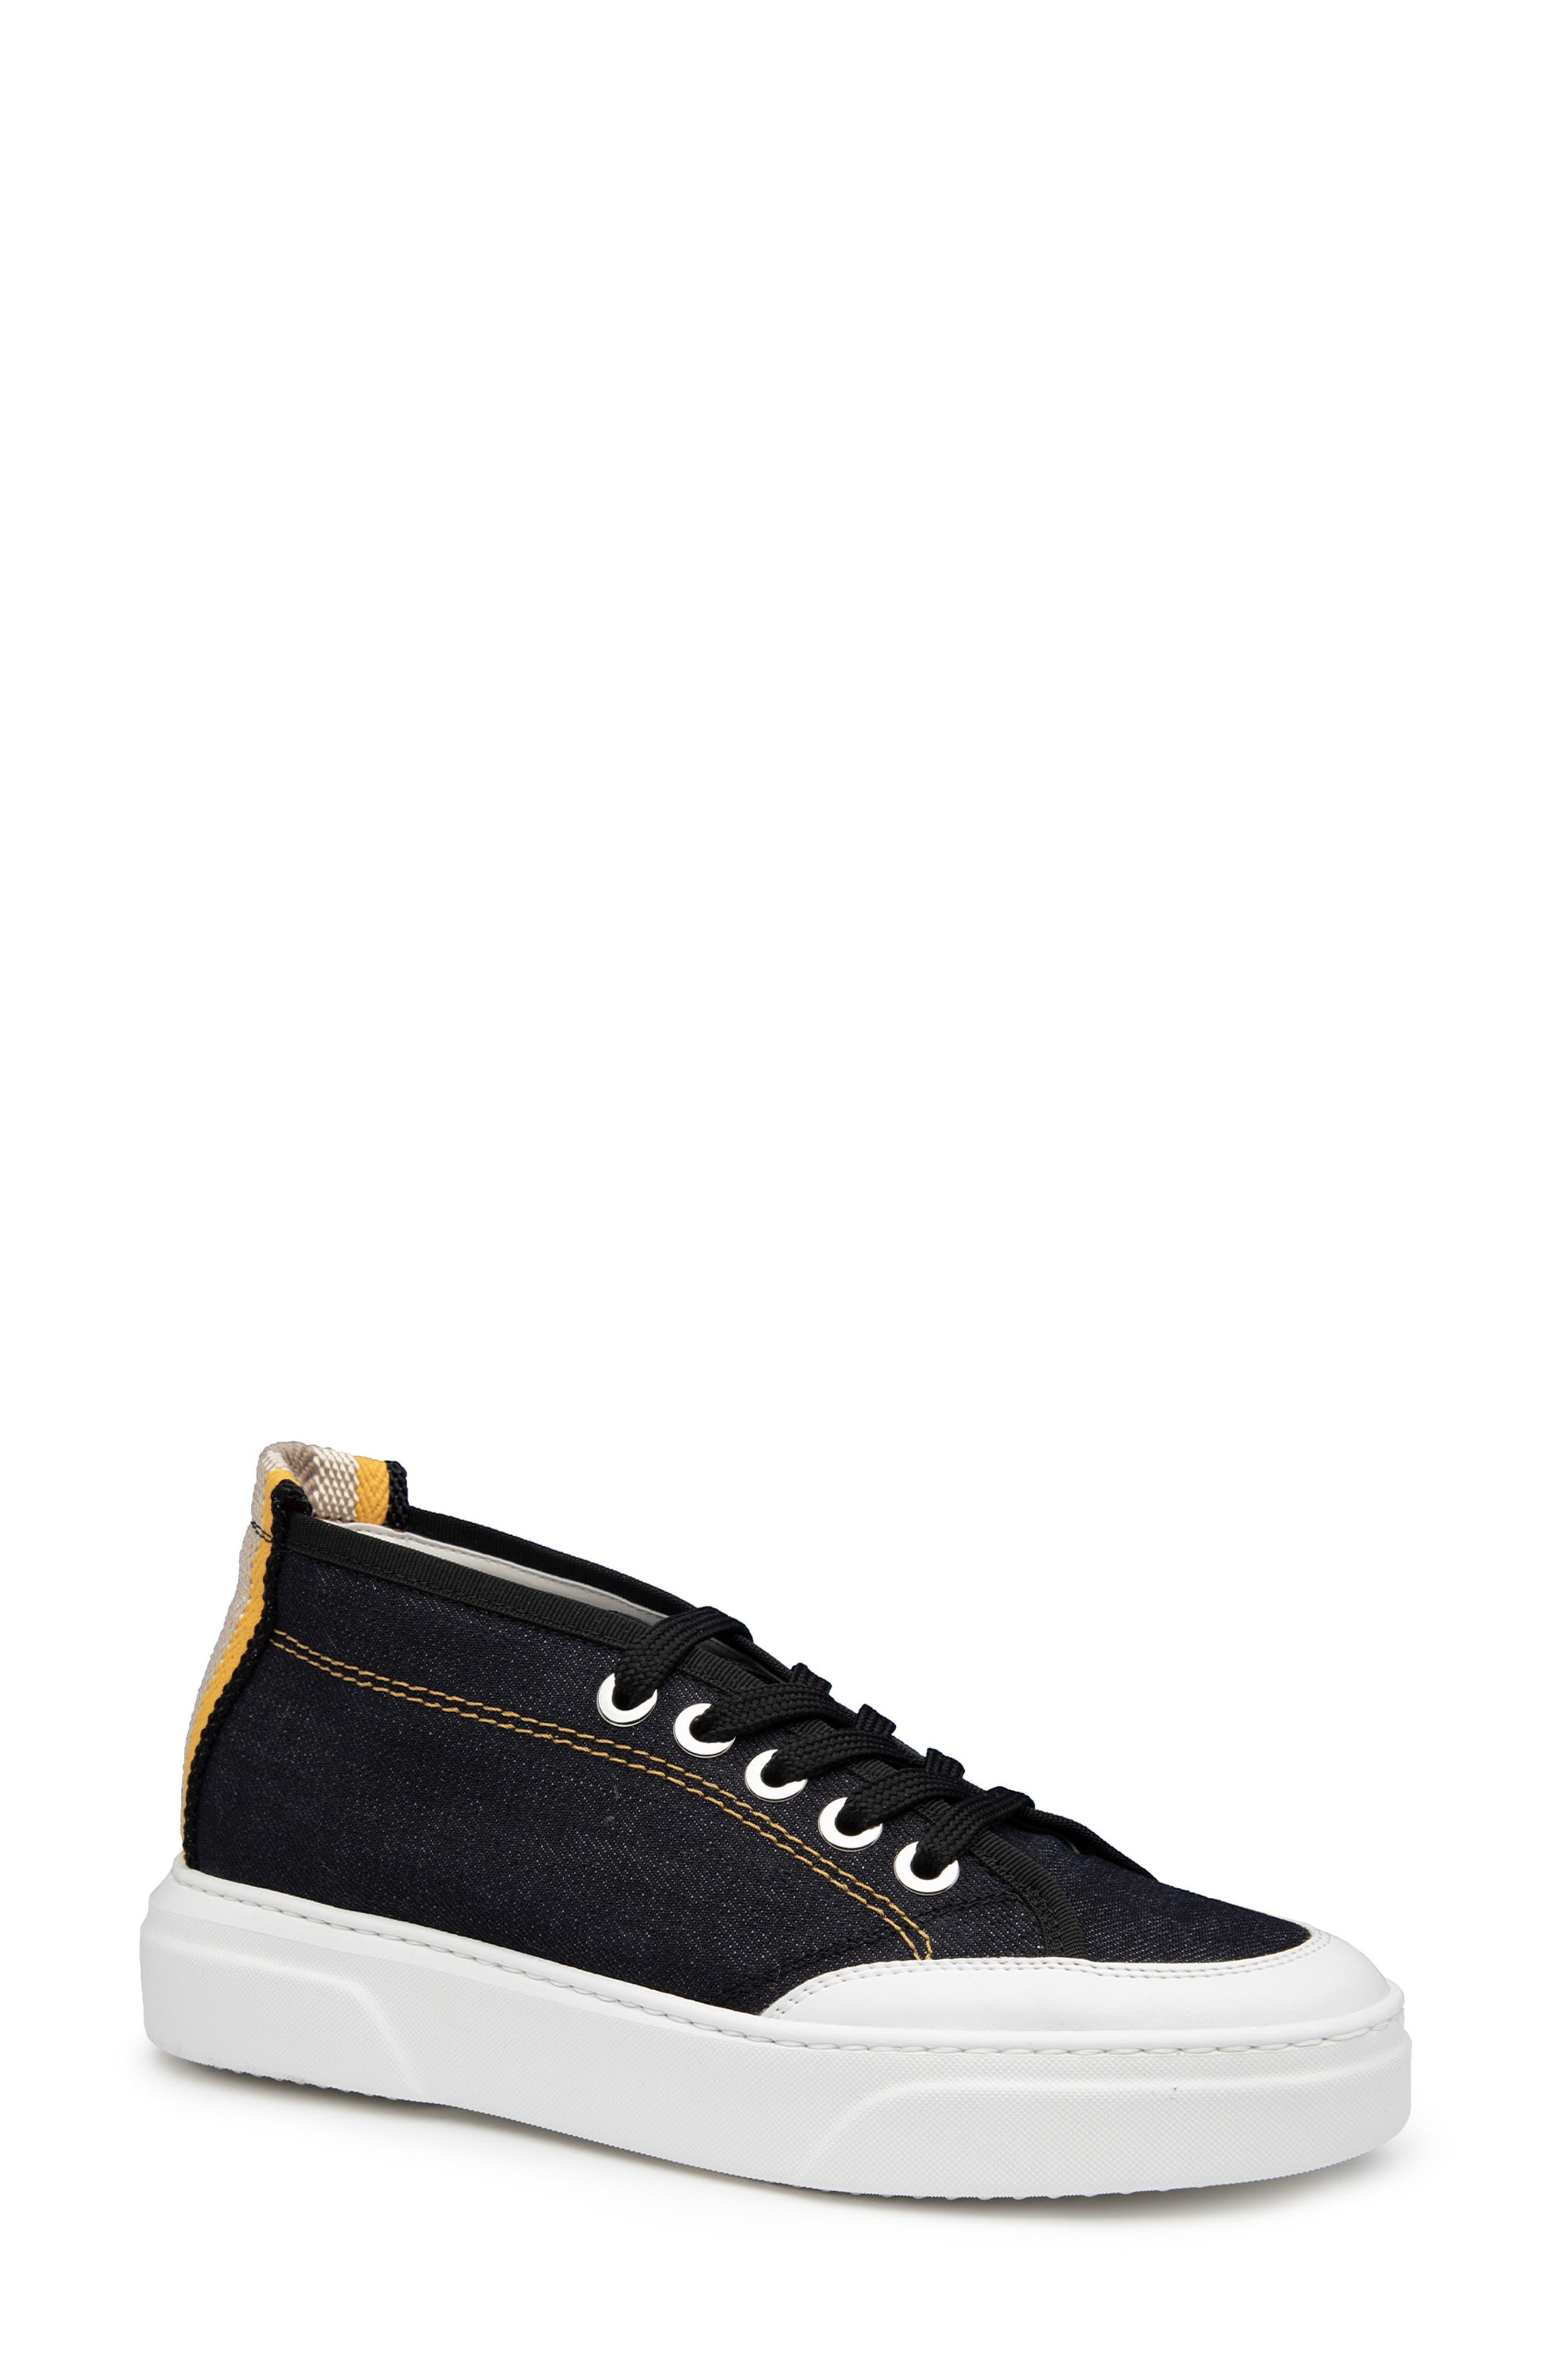 Women's Italeua Ubalda Sneaker